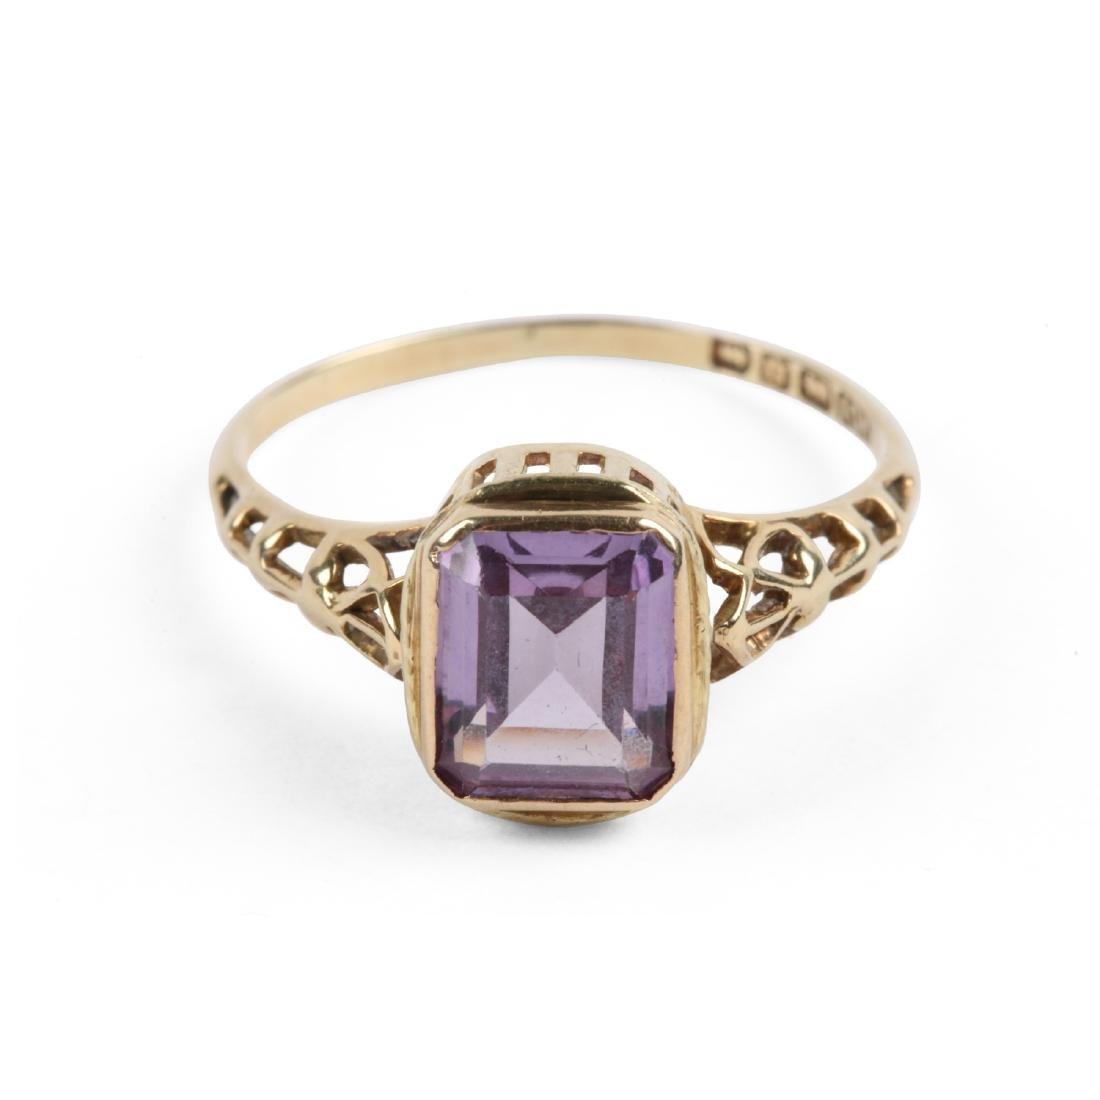 An Edwardian 10K Gold & Amethyst Ring